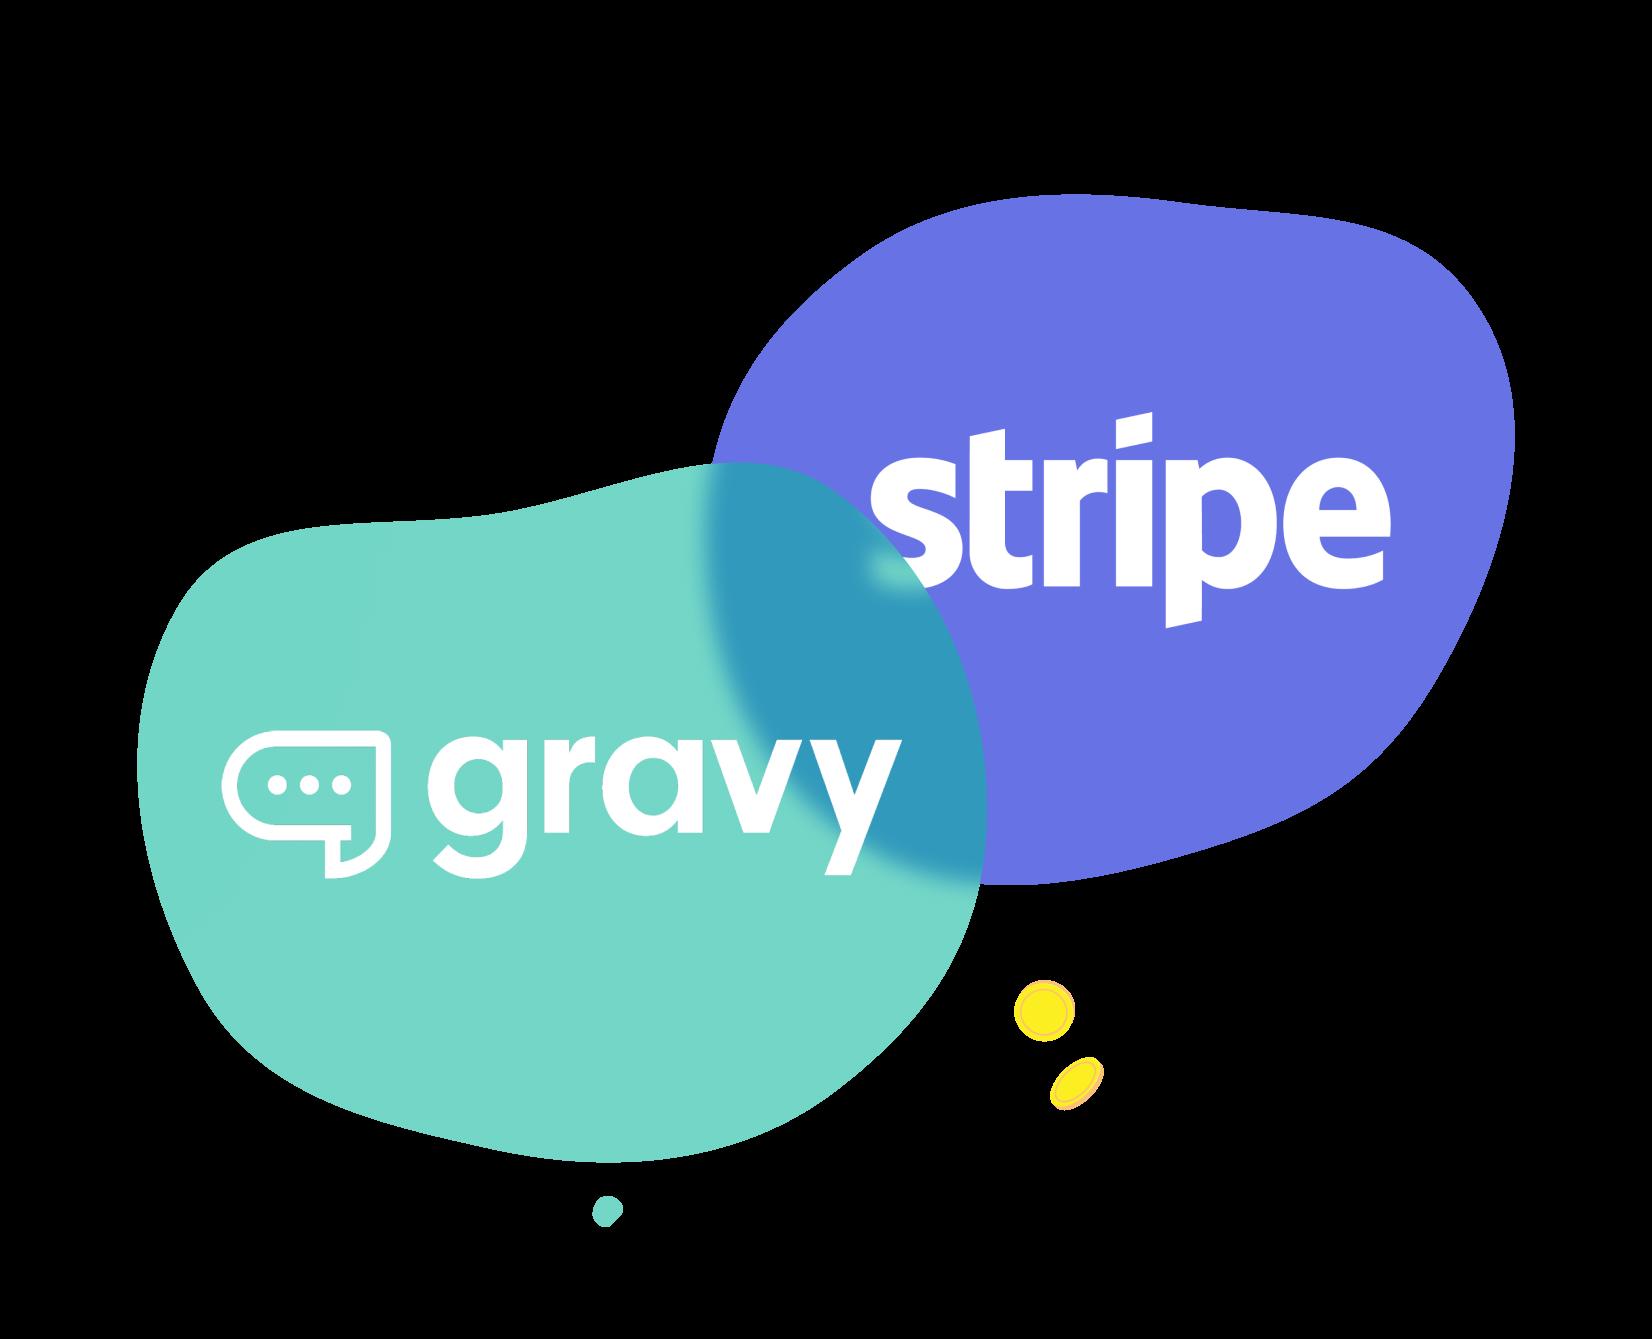 gravy + stripe